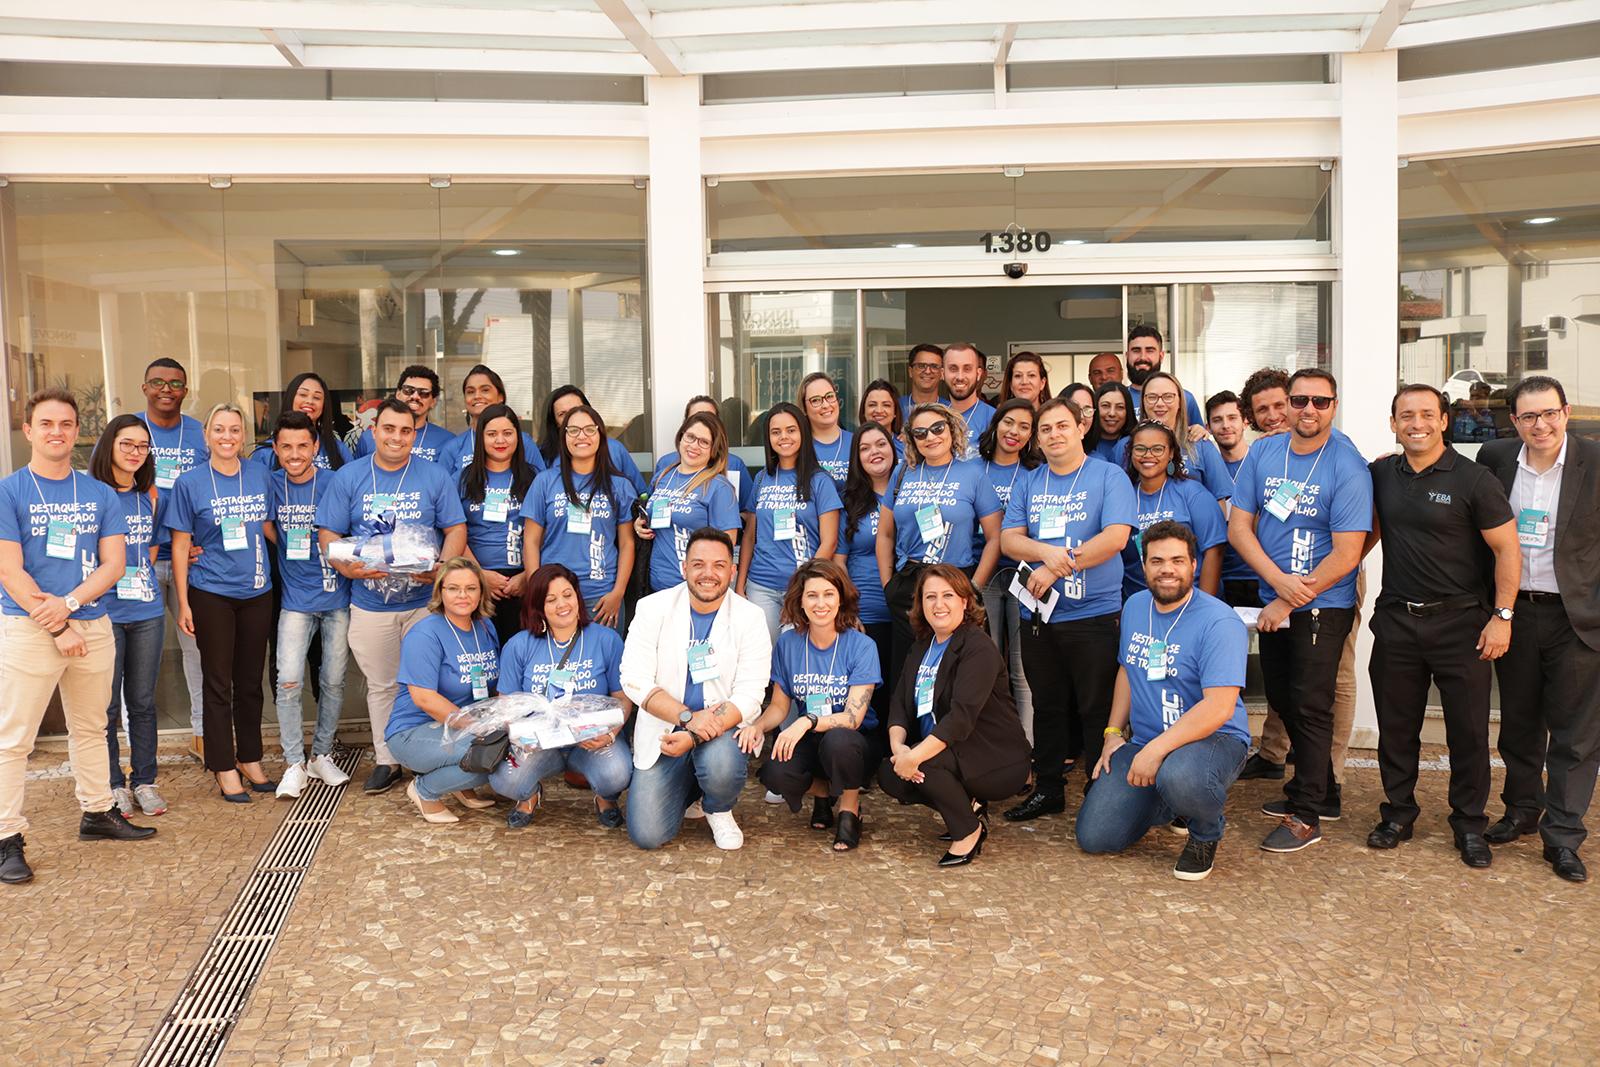 Aconteceu nesta segunda-feira (16) a 5° Convenção de Vendas da Rede EFAC, que reuniu franqueados, gestores, coordenadores e orientadores em um dia cheio de aprendizado e troca de experiências.